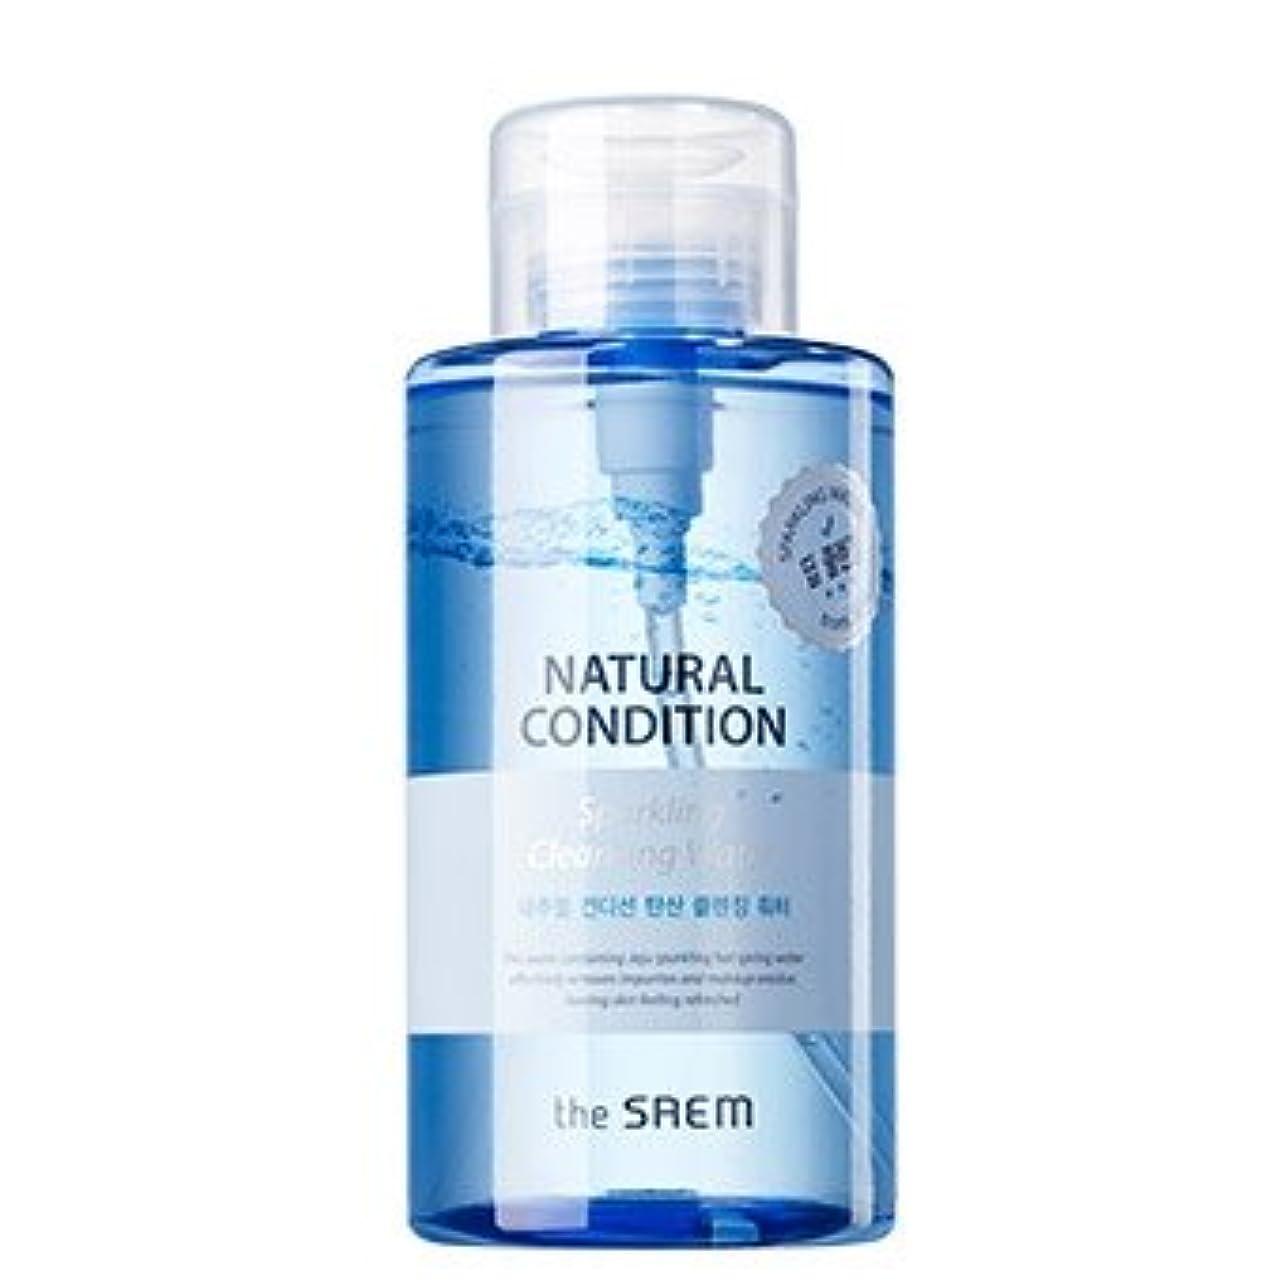 とは異なり認可ウェイトレスthe SAEM Natural Condition Sparkling Cleansing Water 500ml/ザセム ナチュラル コンディション スパークリング クレンジングウォーター 500ml [並行輸入品]